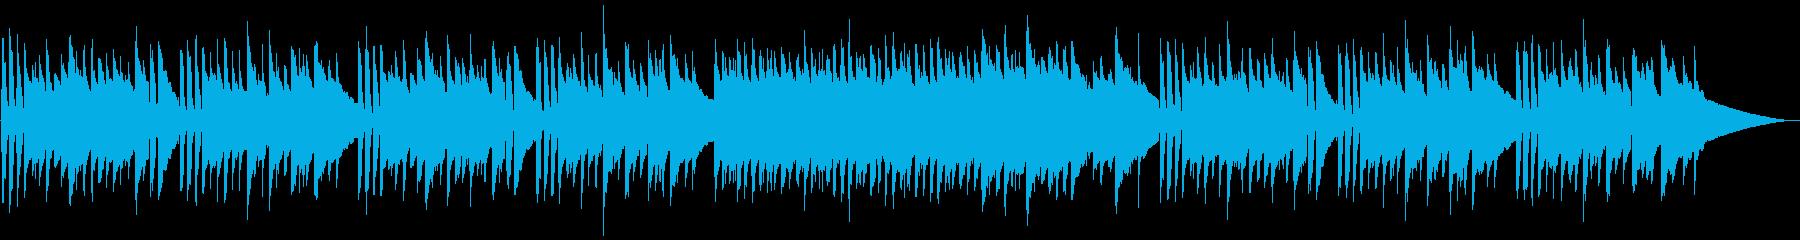 しんみりとしたアコースティックギターの再生済みの波形